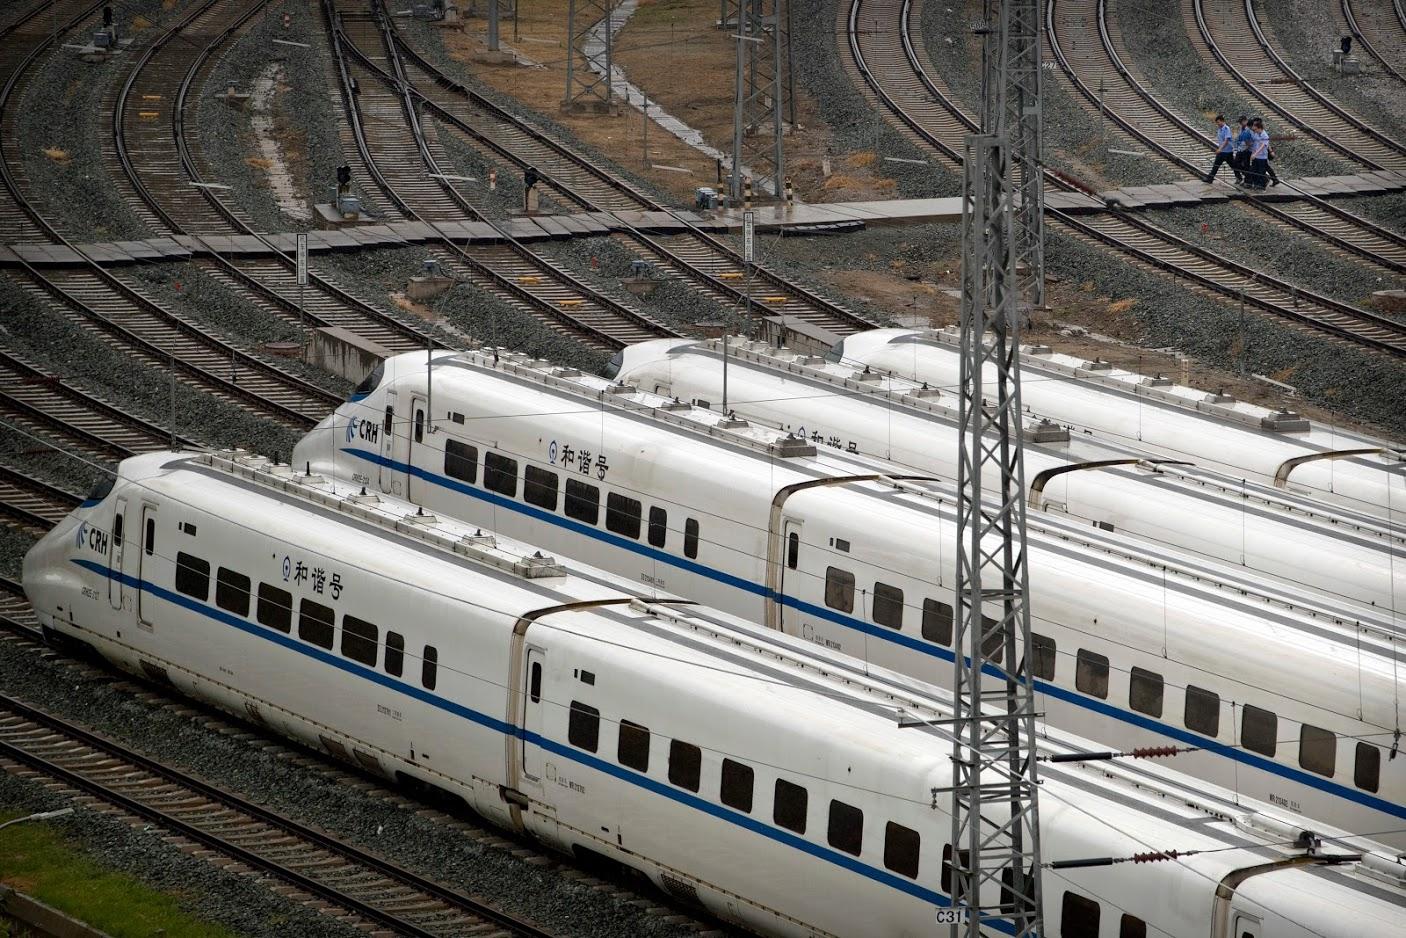 जापानची नवी हाय-स्पीड 'शिंकानसेन N700S' ही बुलेट ट्रेन 2020 मध्ये सुरू होईल. तिची गती 300 किमी प्रति तास राहणार आहे.